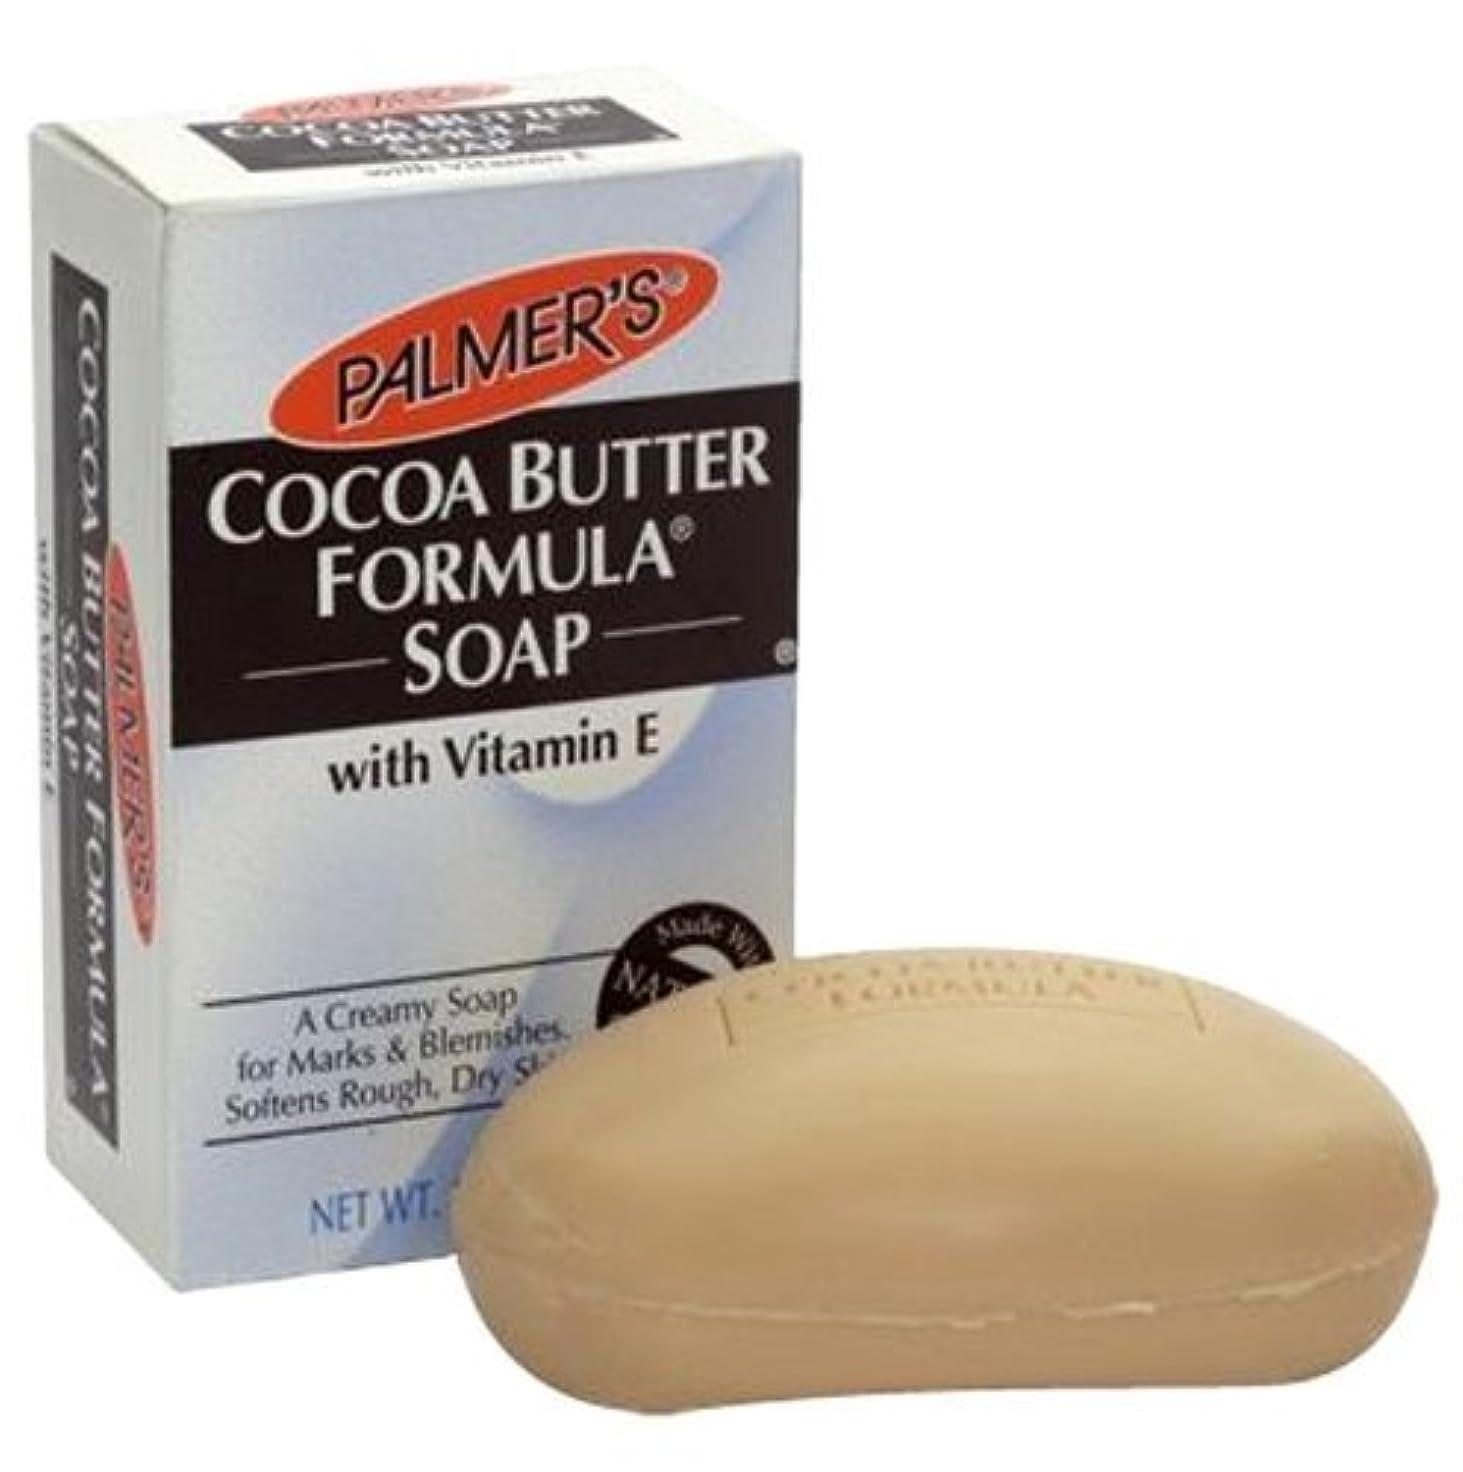 出会い外交所得Palmer's ココアバターフォーミュラデイリースキンセラピー石鹸3.5オズ